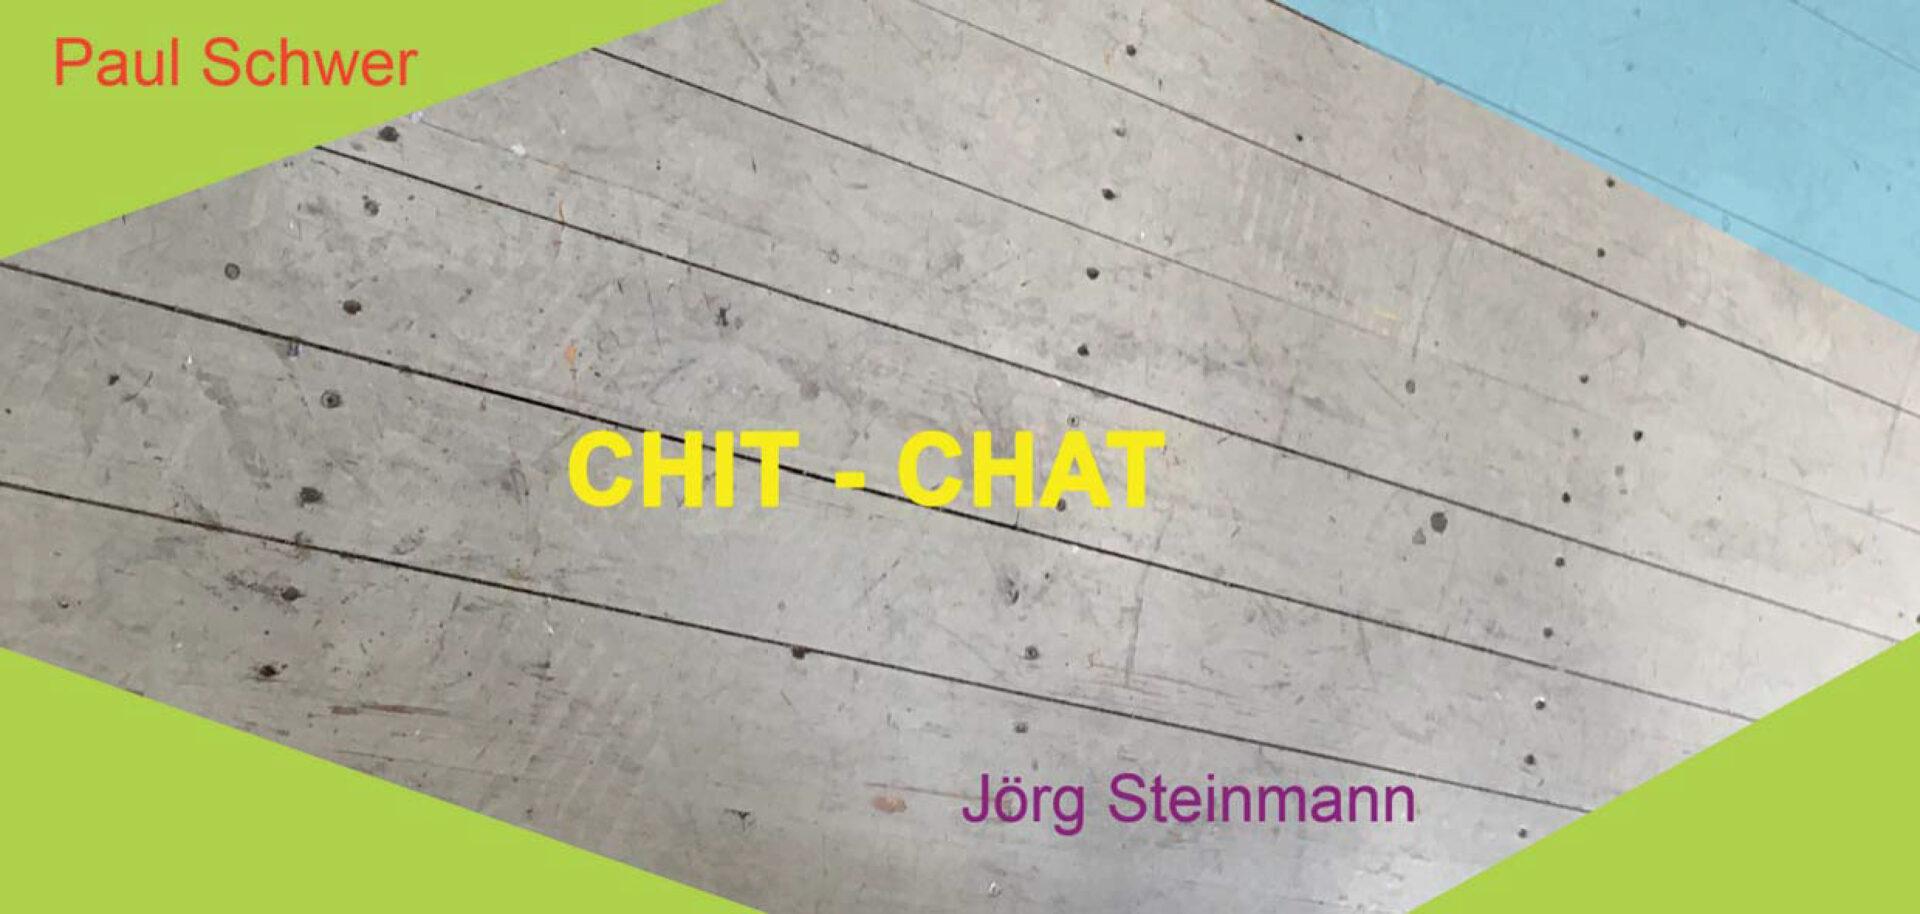 SITTart Ausstellung  Schwer – Steinmann